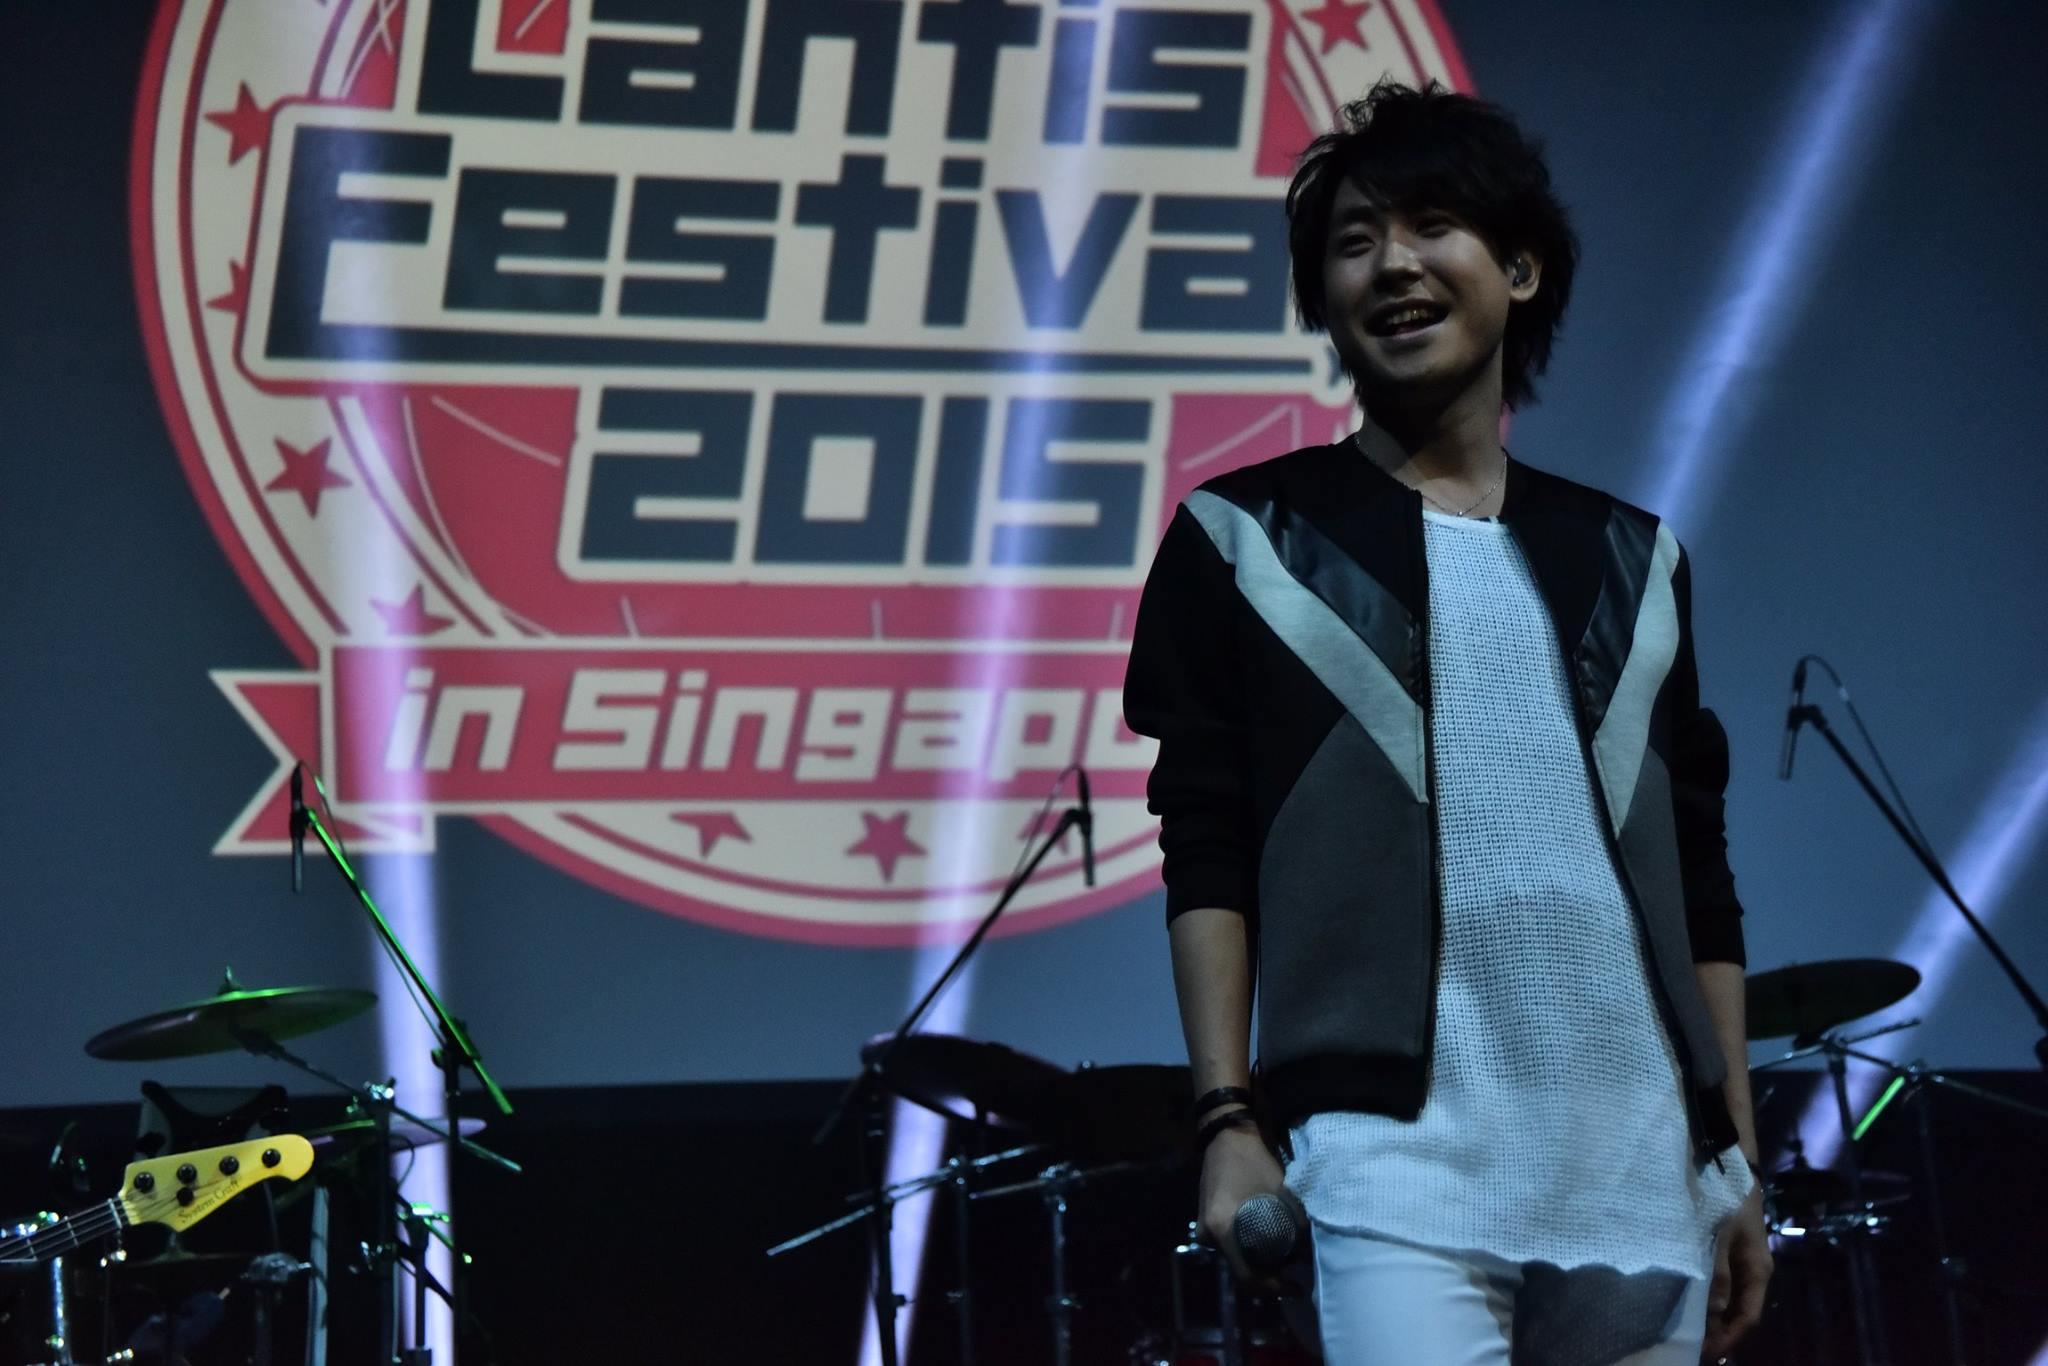 NekoPOP-Lantis-Festival-2015-Singapore-Kenichi-Suzumura-1